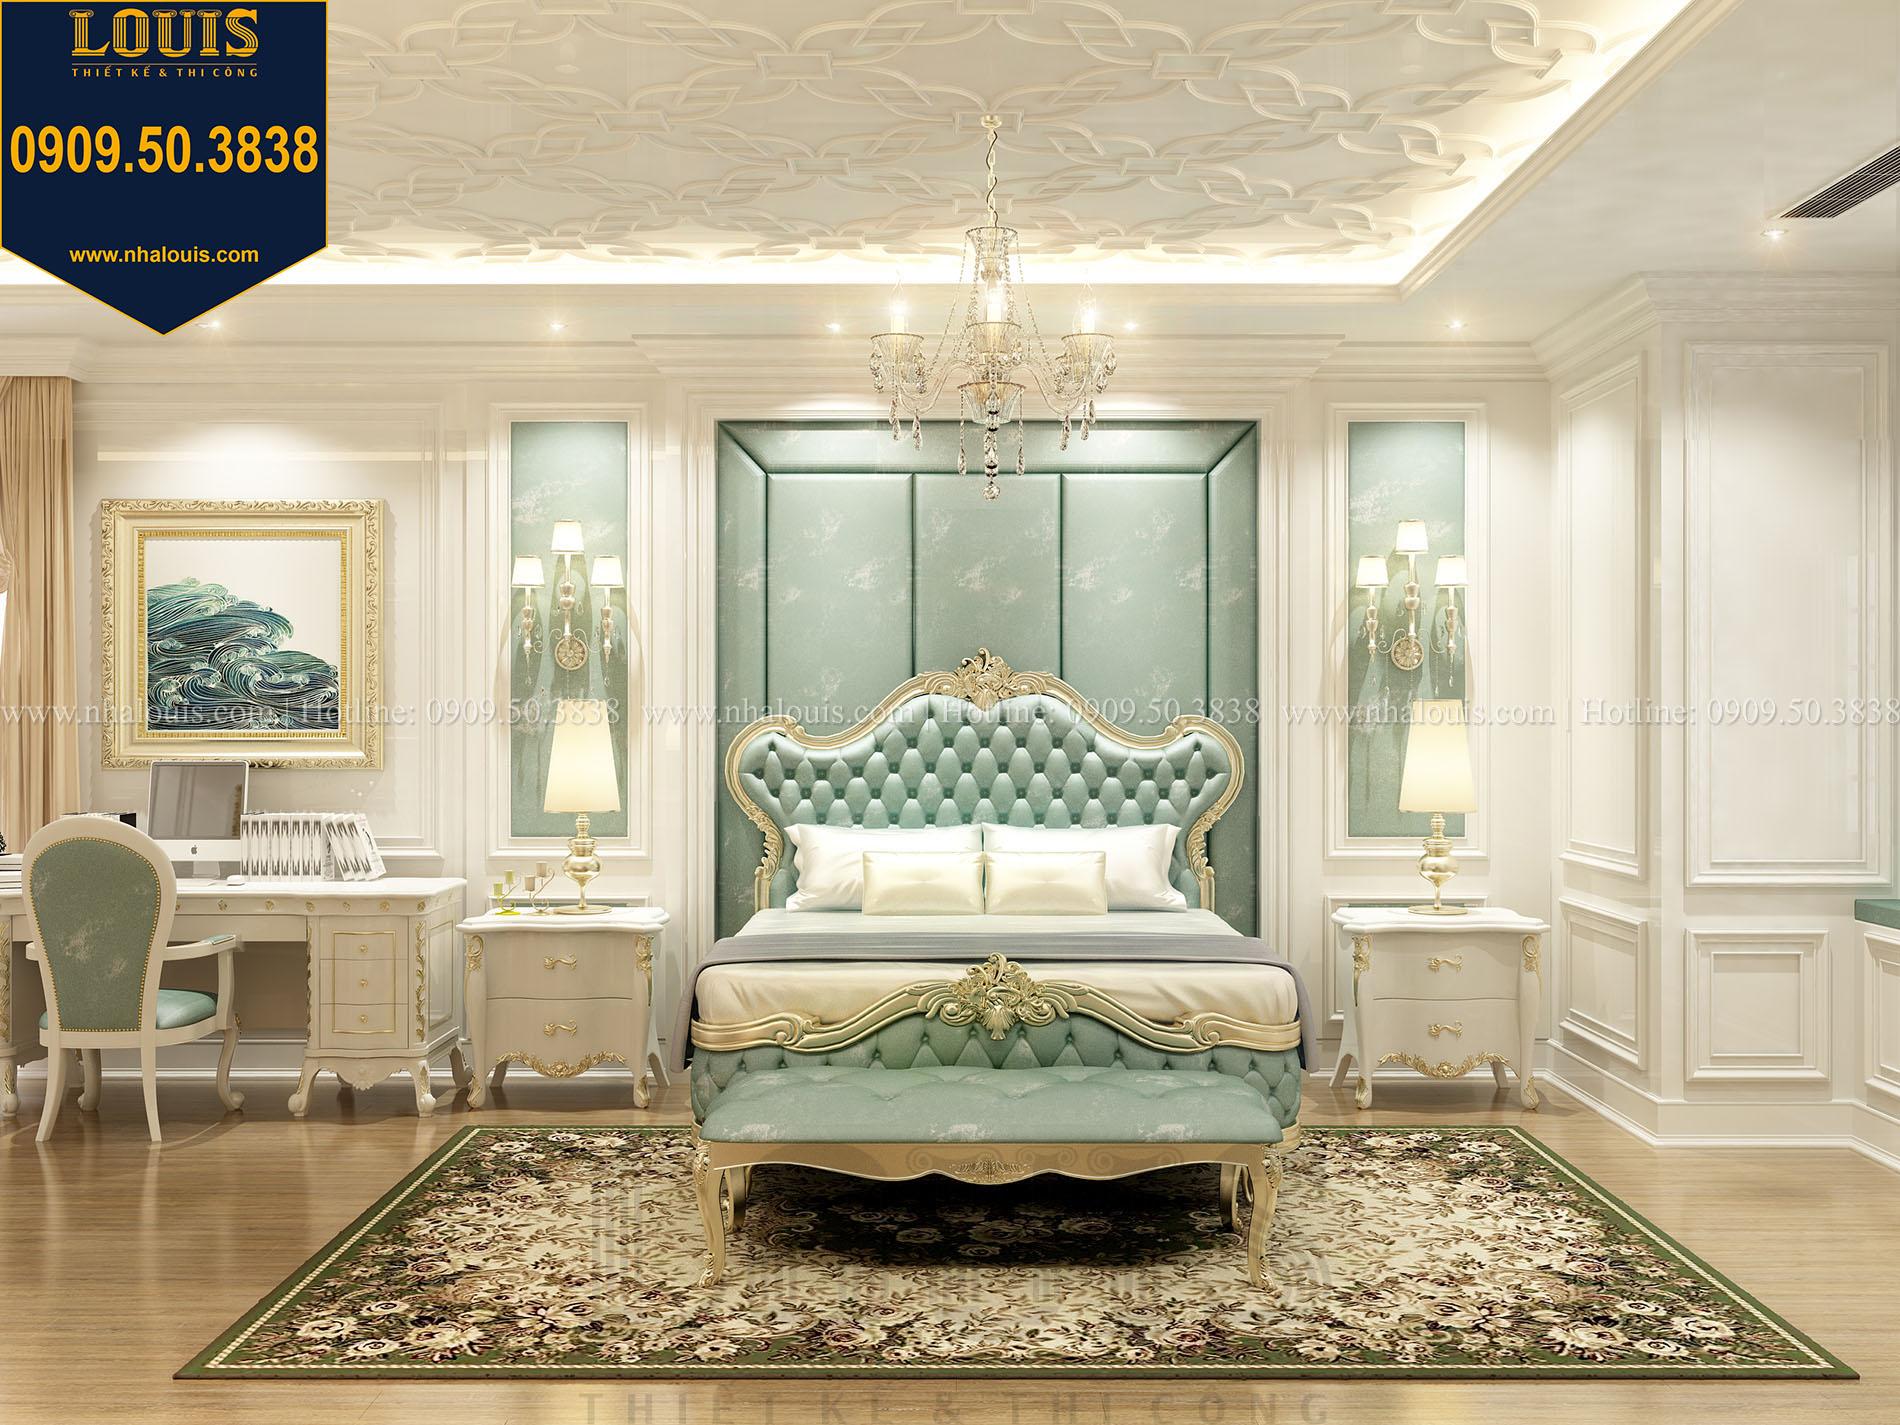 Phòng ngủ con trai Biệt thự Châu Âu cổ điển chuẩn sang chảnh tại Nhà Bè - 018